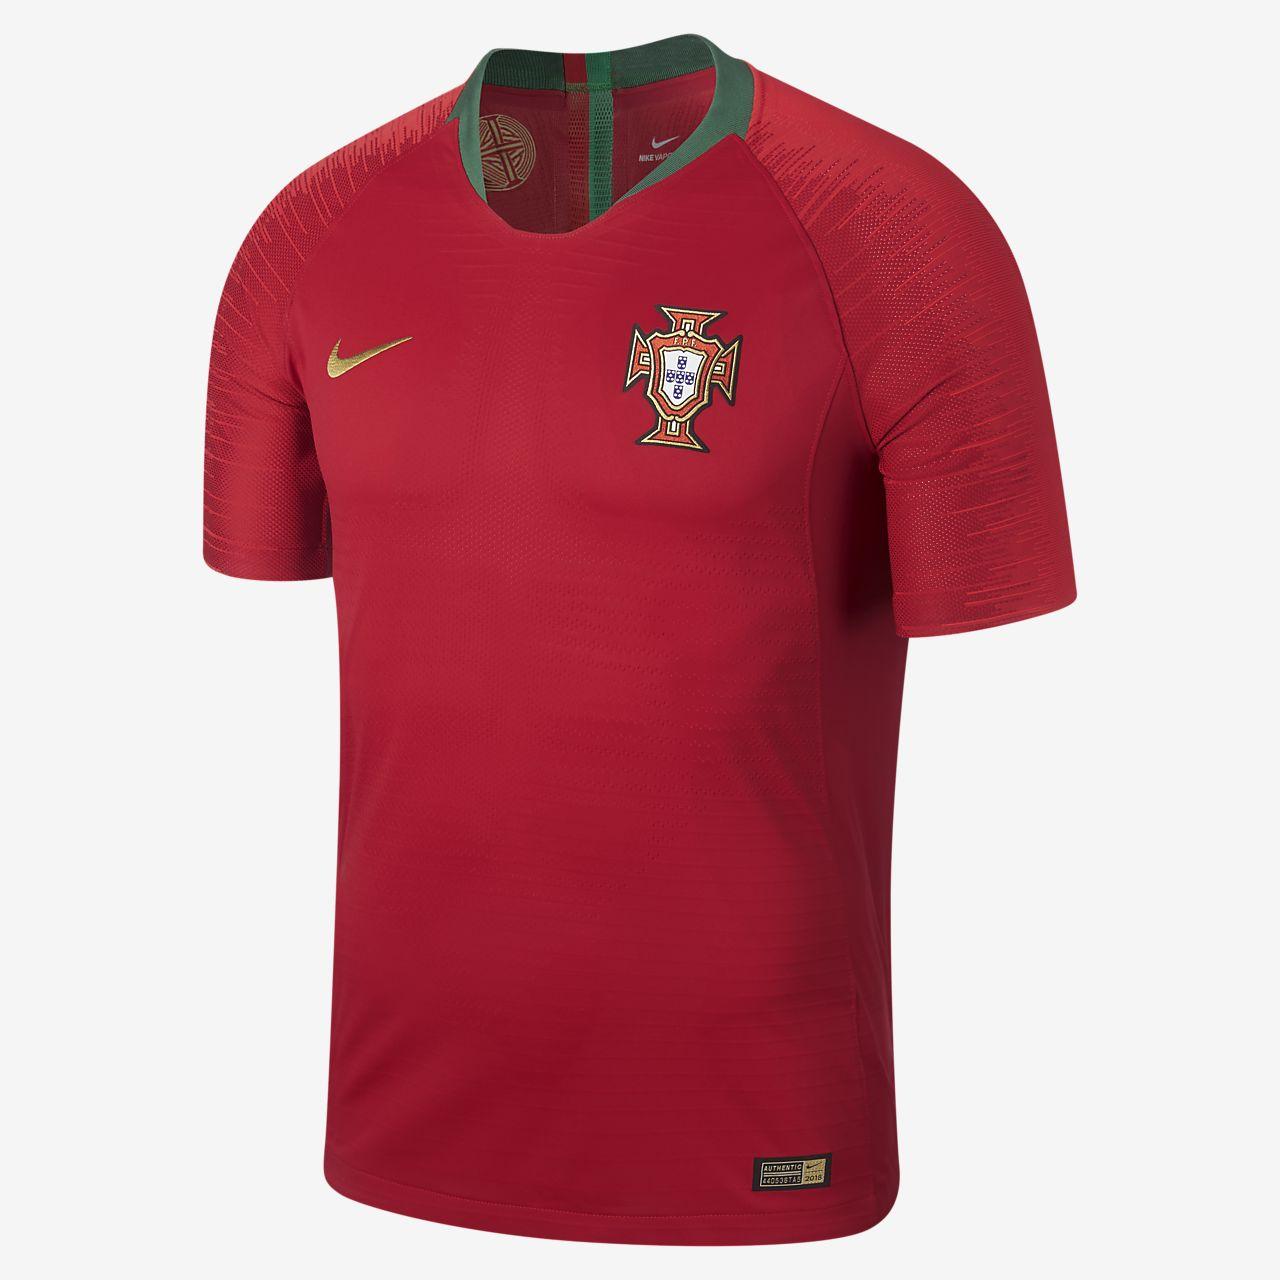 2018 Portugal Vapor Match Home Men's Football Shirt